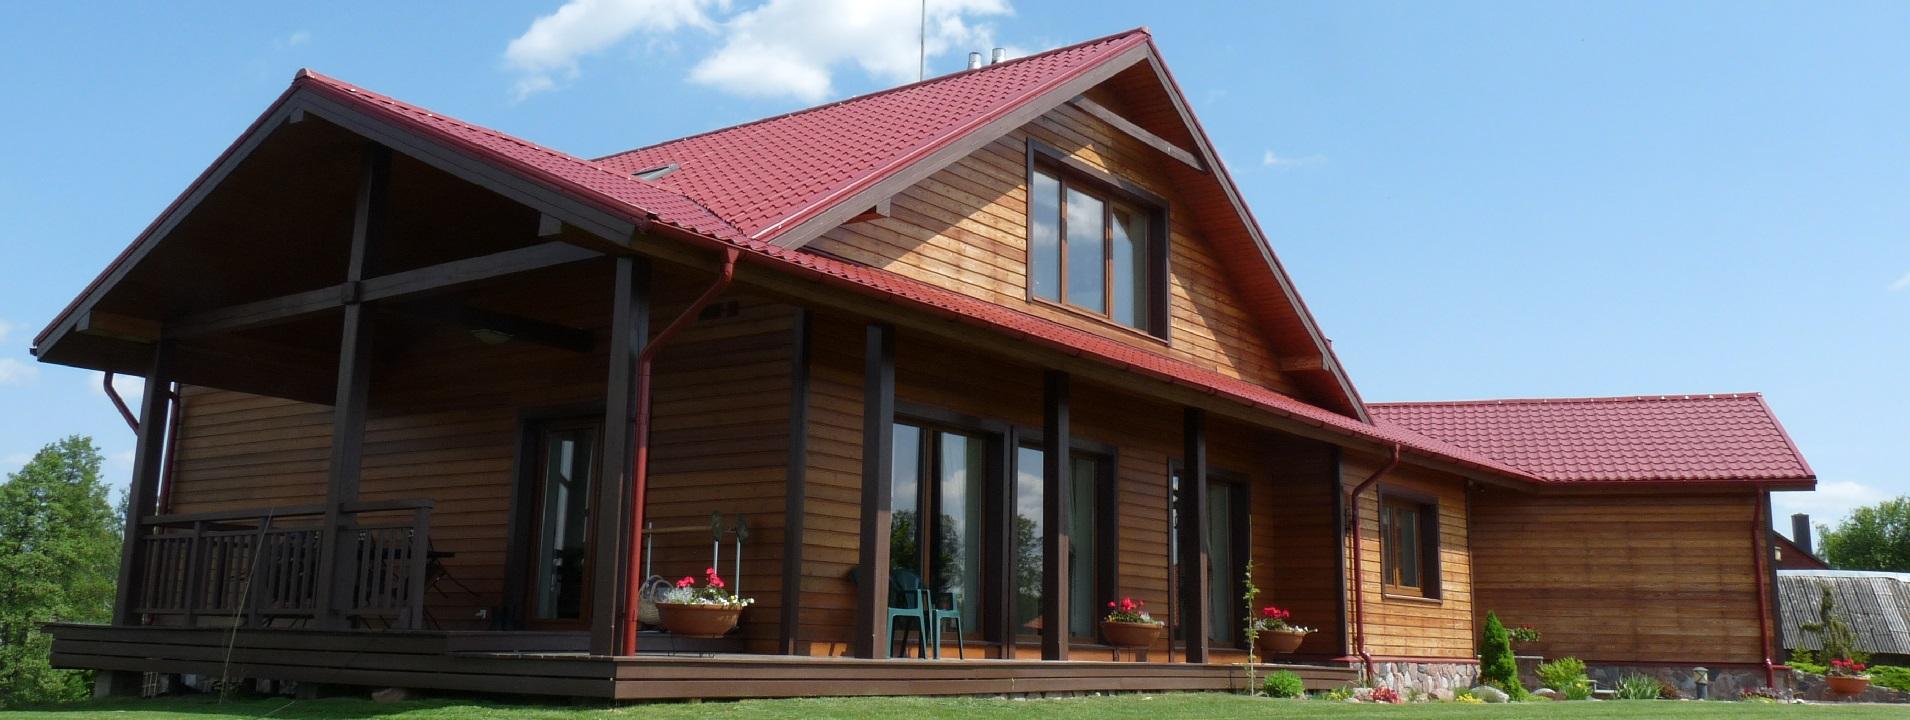 """Gyvenamieji namai, individualių namų, statyba, pamatai, mūras, sienos, stogas, aplinka, konstrukcijos, statybos darbai, statybinės medžiagos, prekyba, Trakai - """"KOVAS"""" UAB"""